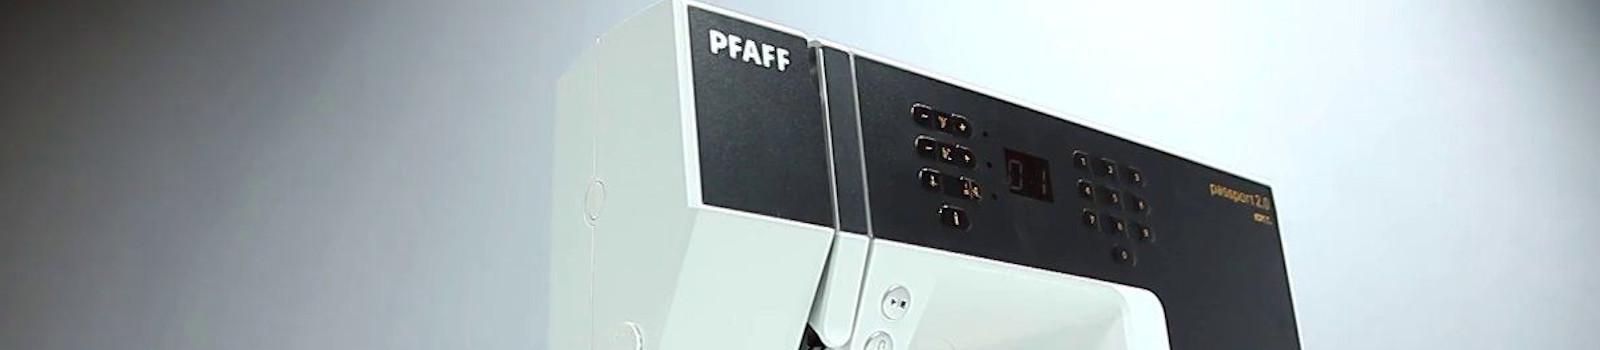 PFAFF passport 2.0